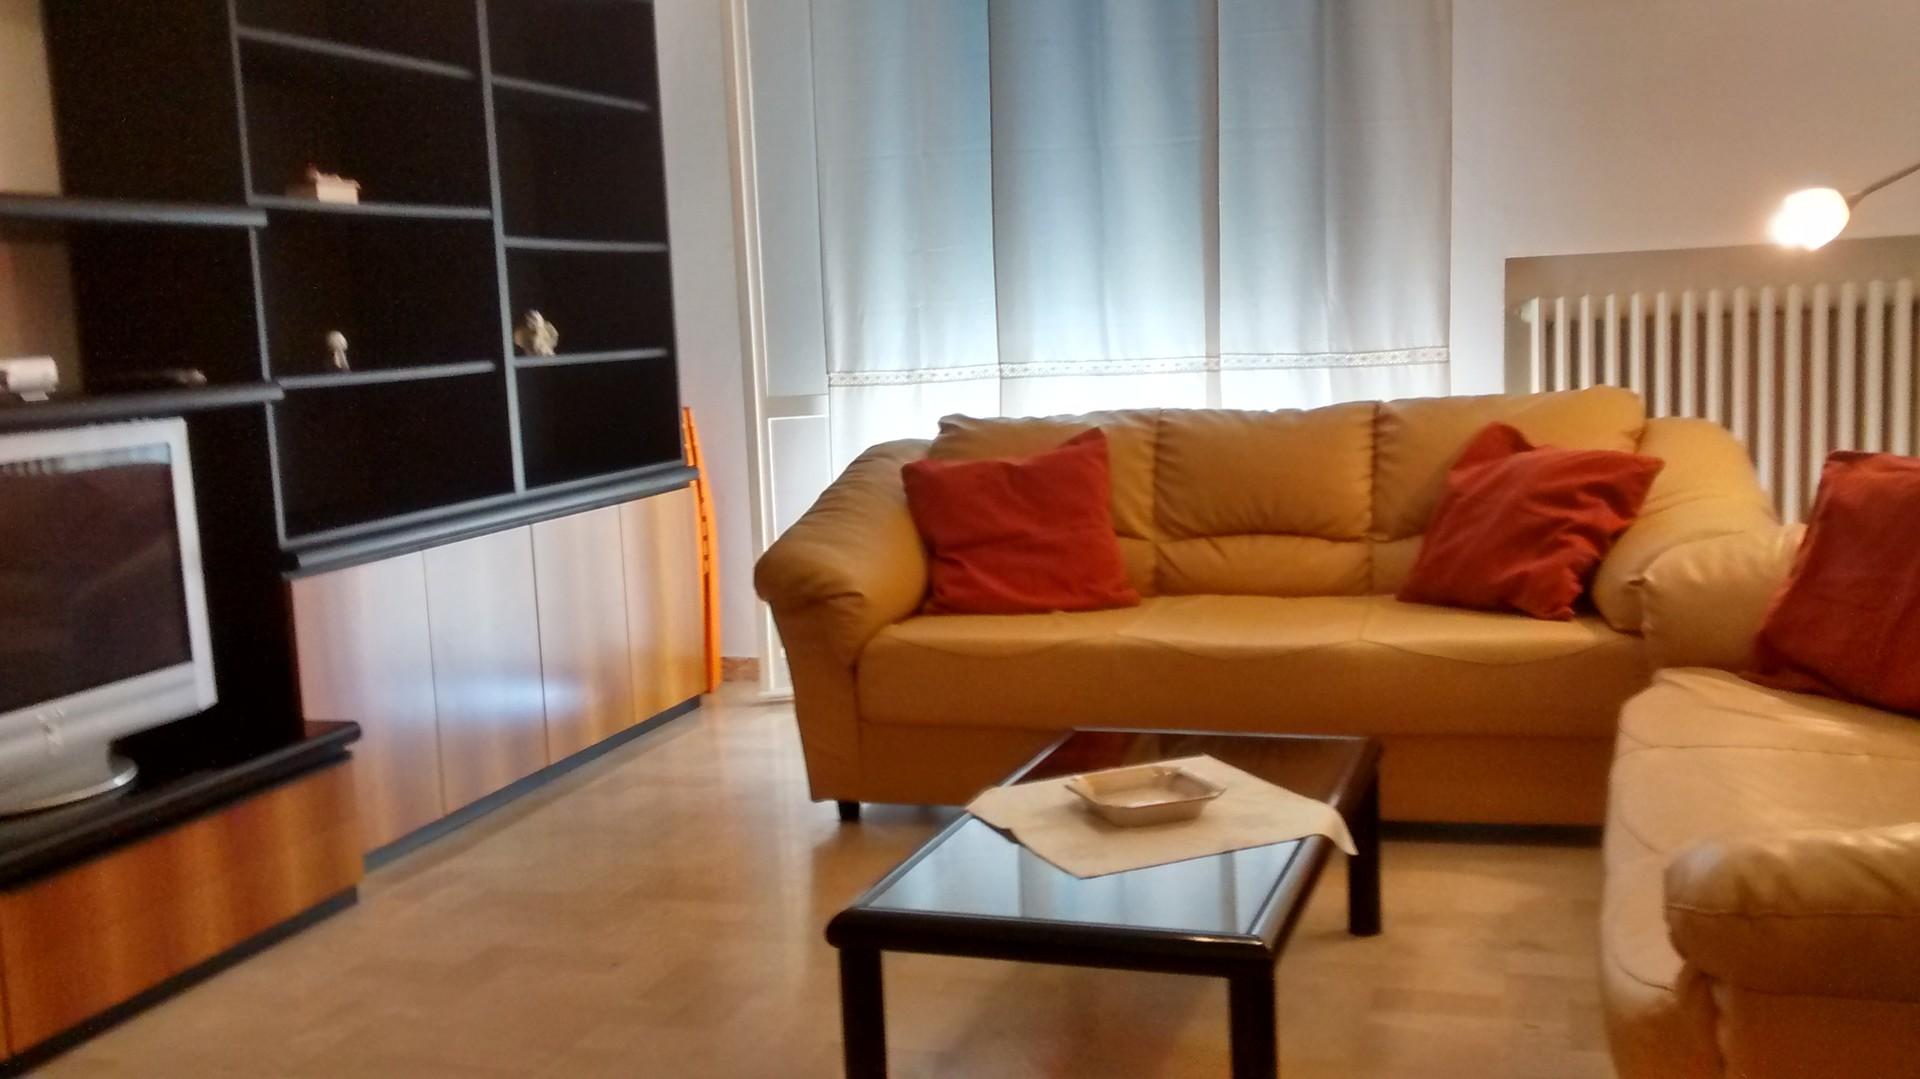 appartamento-3-camere-studio-2-bagni-garage-zona-mareospedale-480628e939cb715fae32d7e7be270992